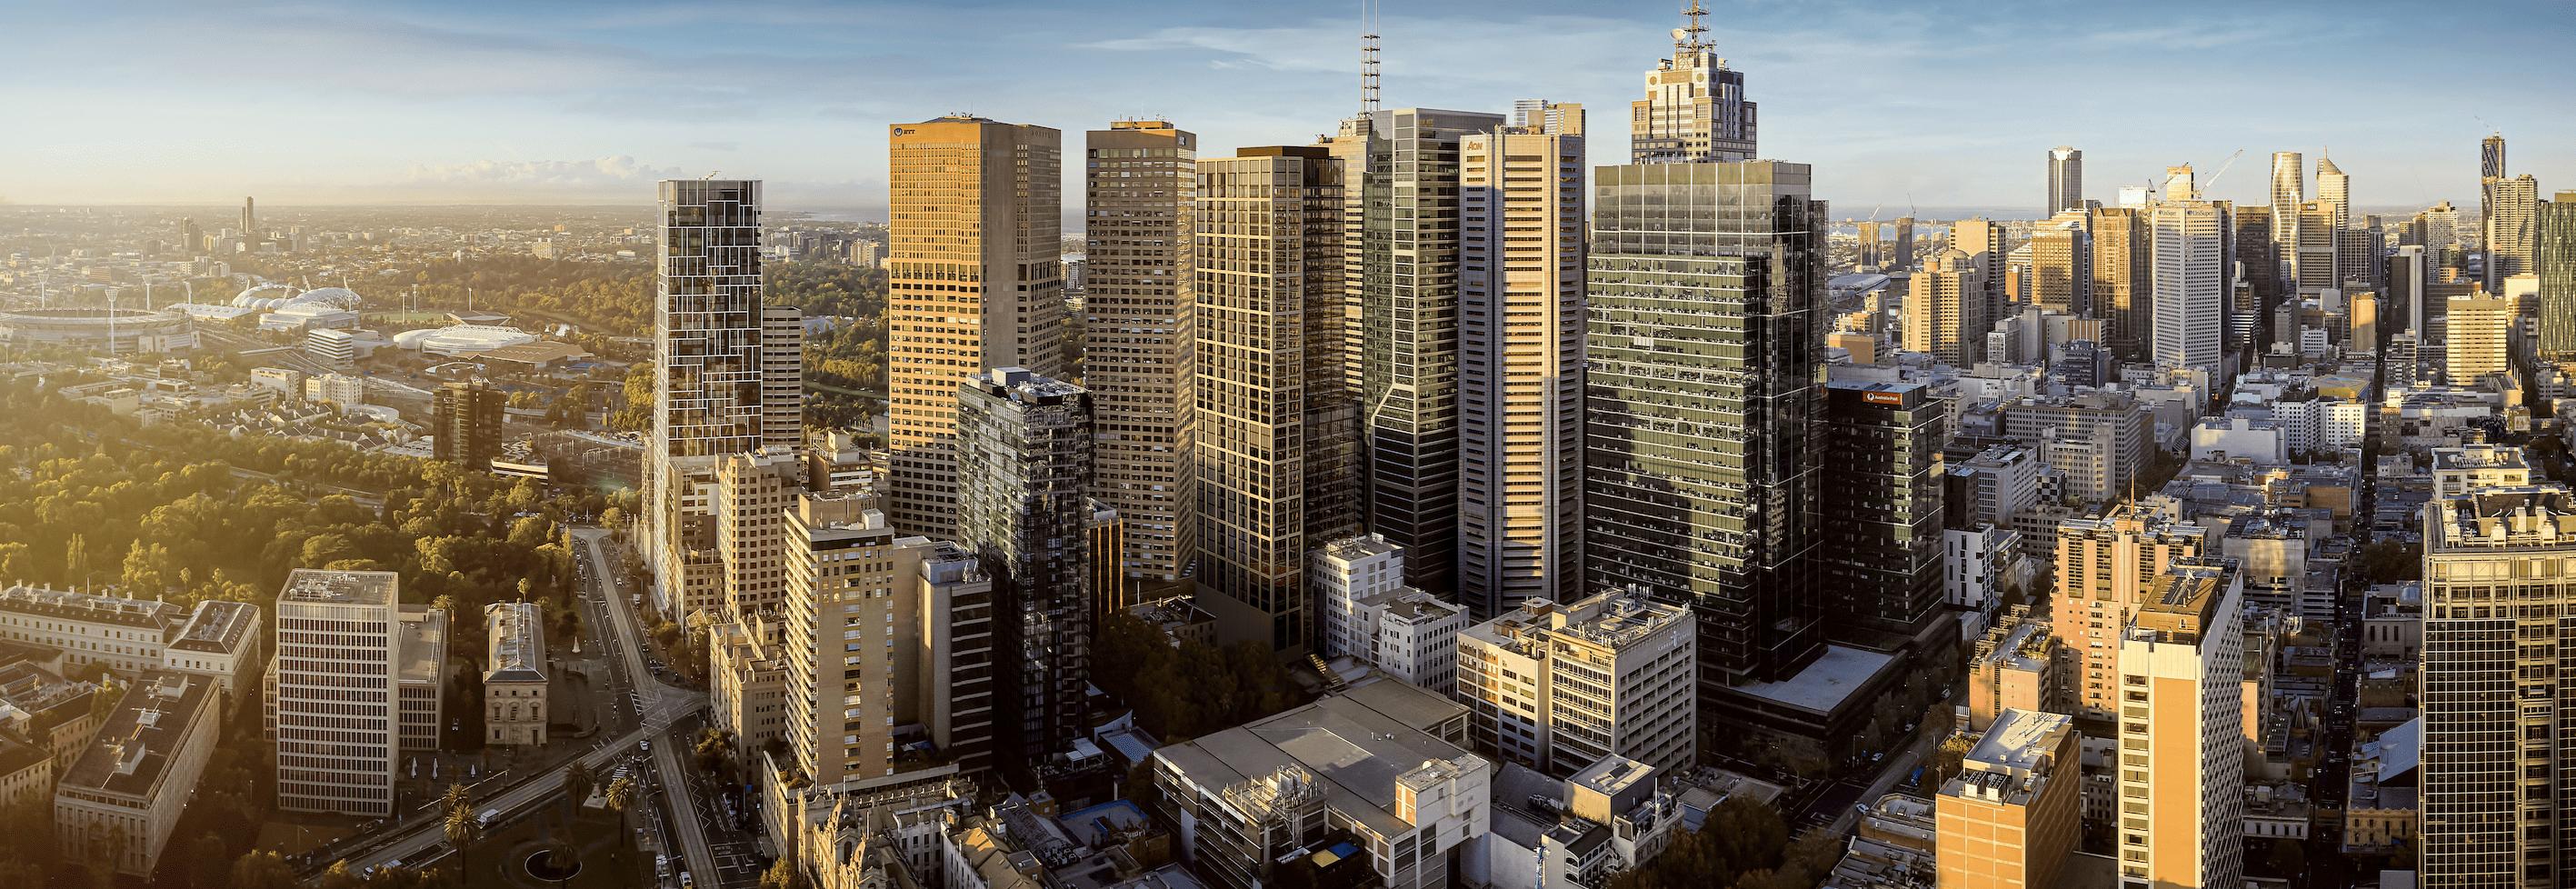 Exterior City